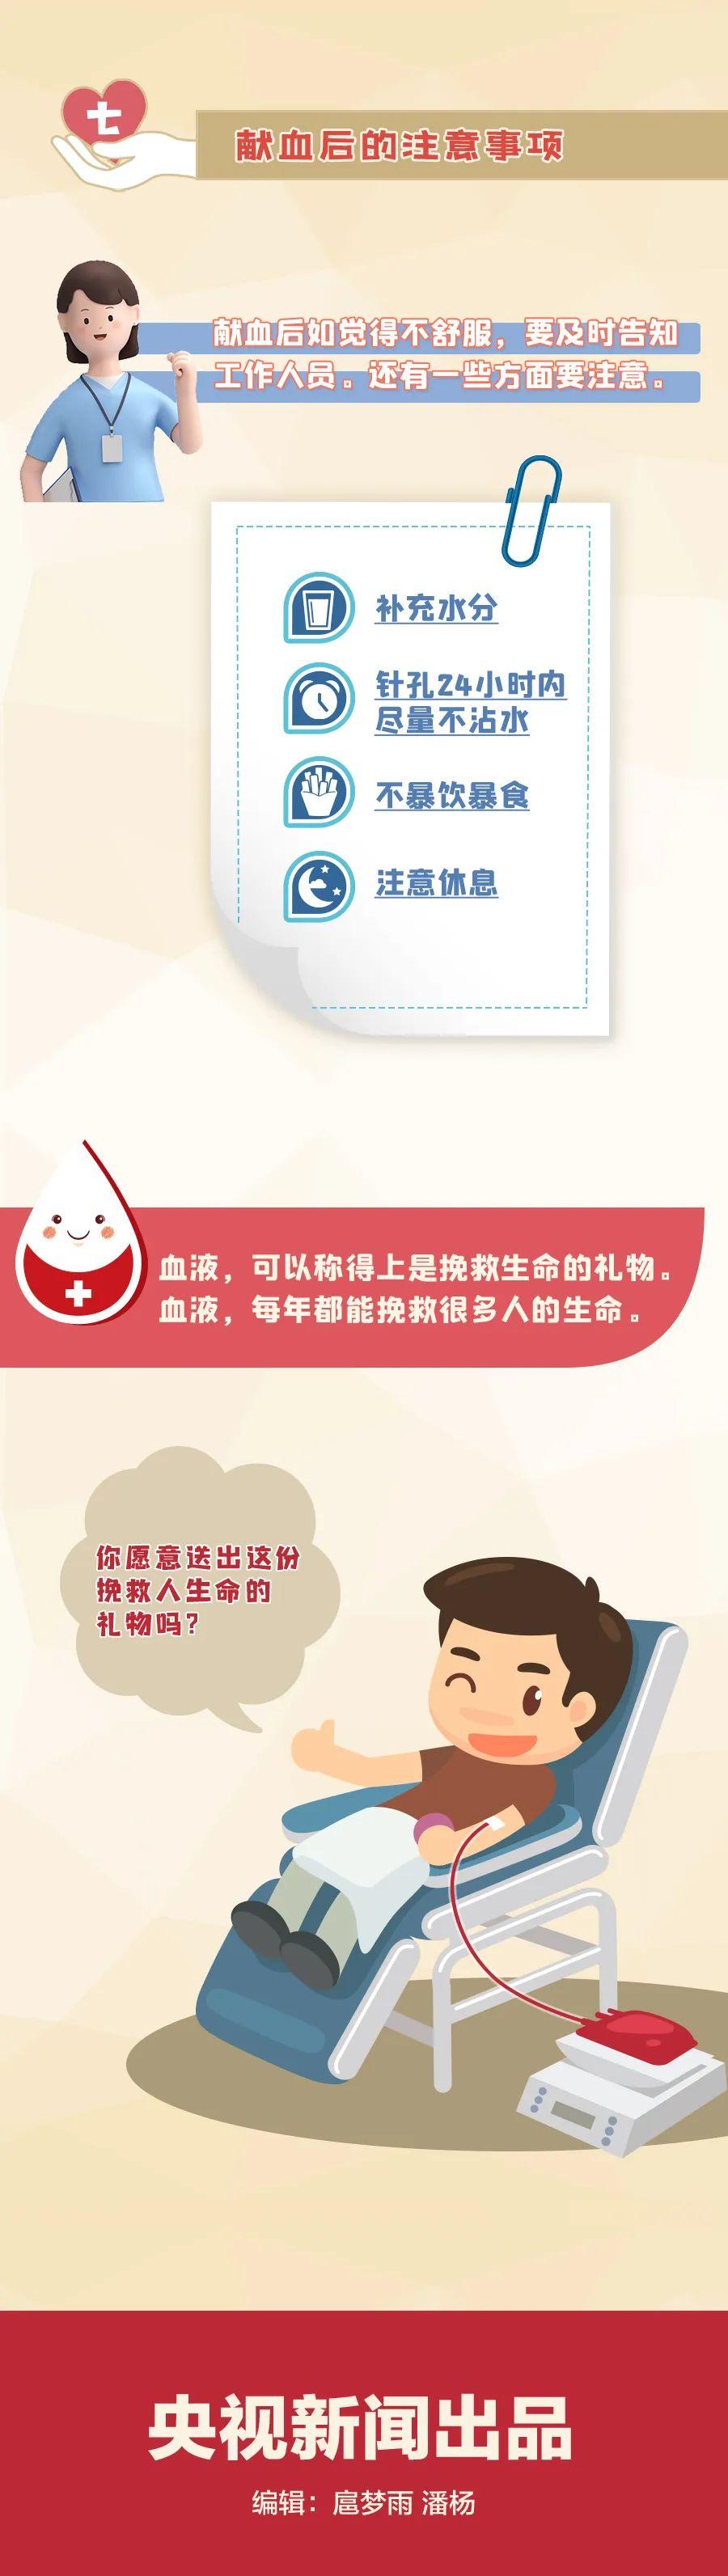 关于献血的N个小知识,第一个就让很多人想不到!